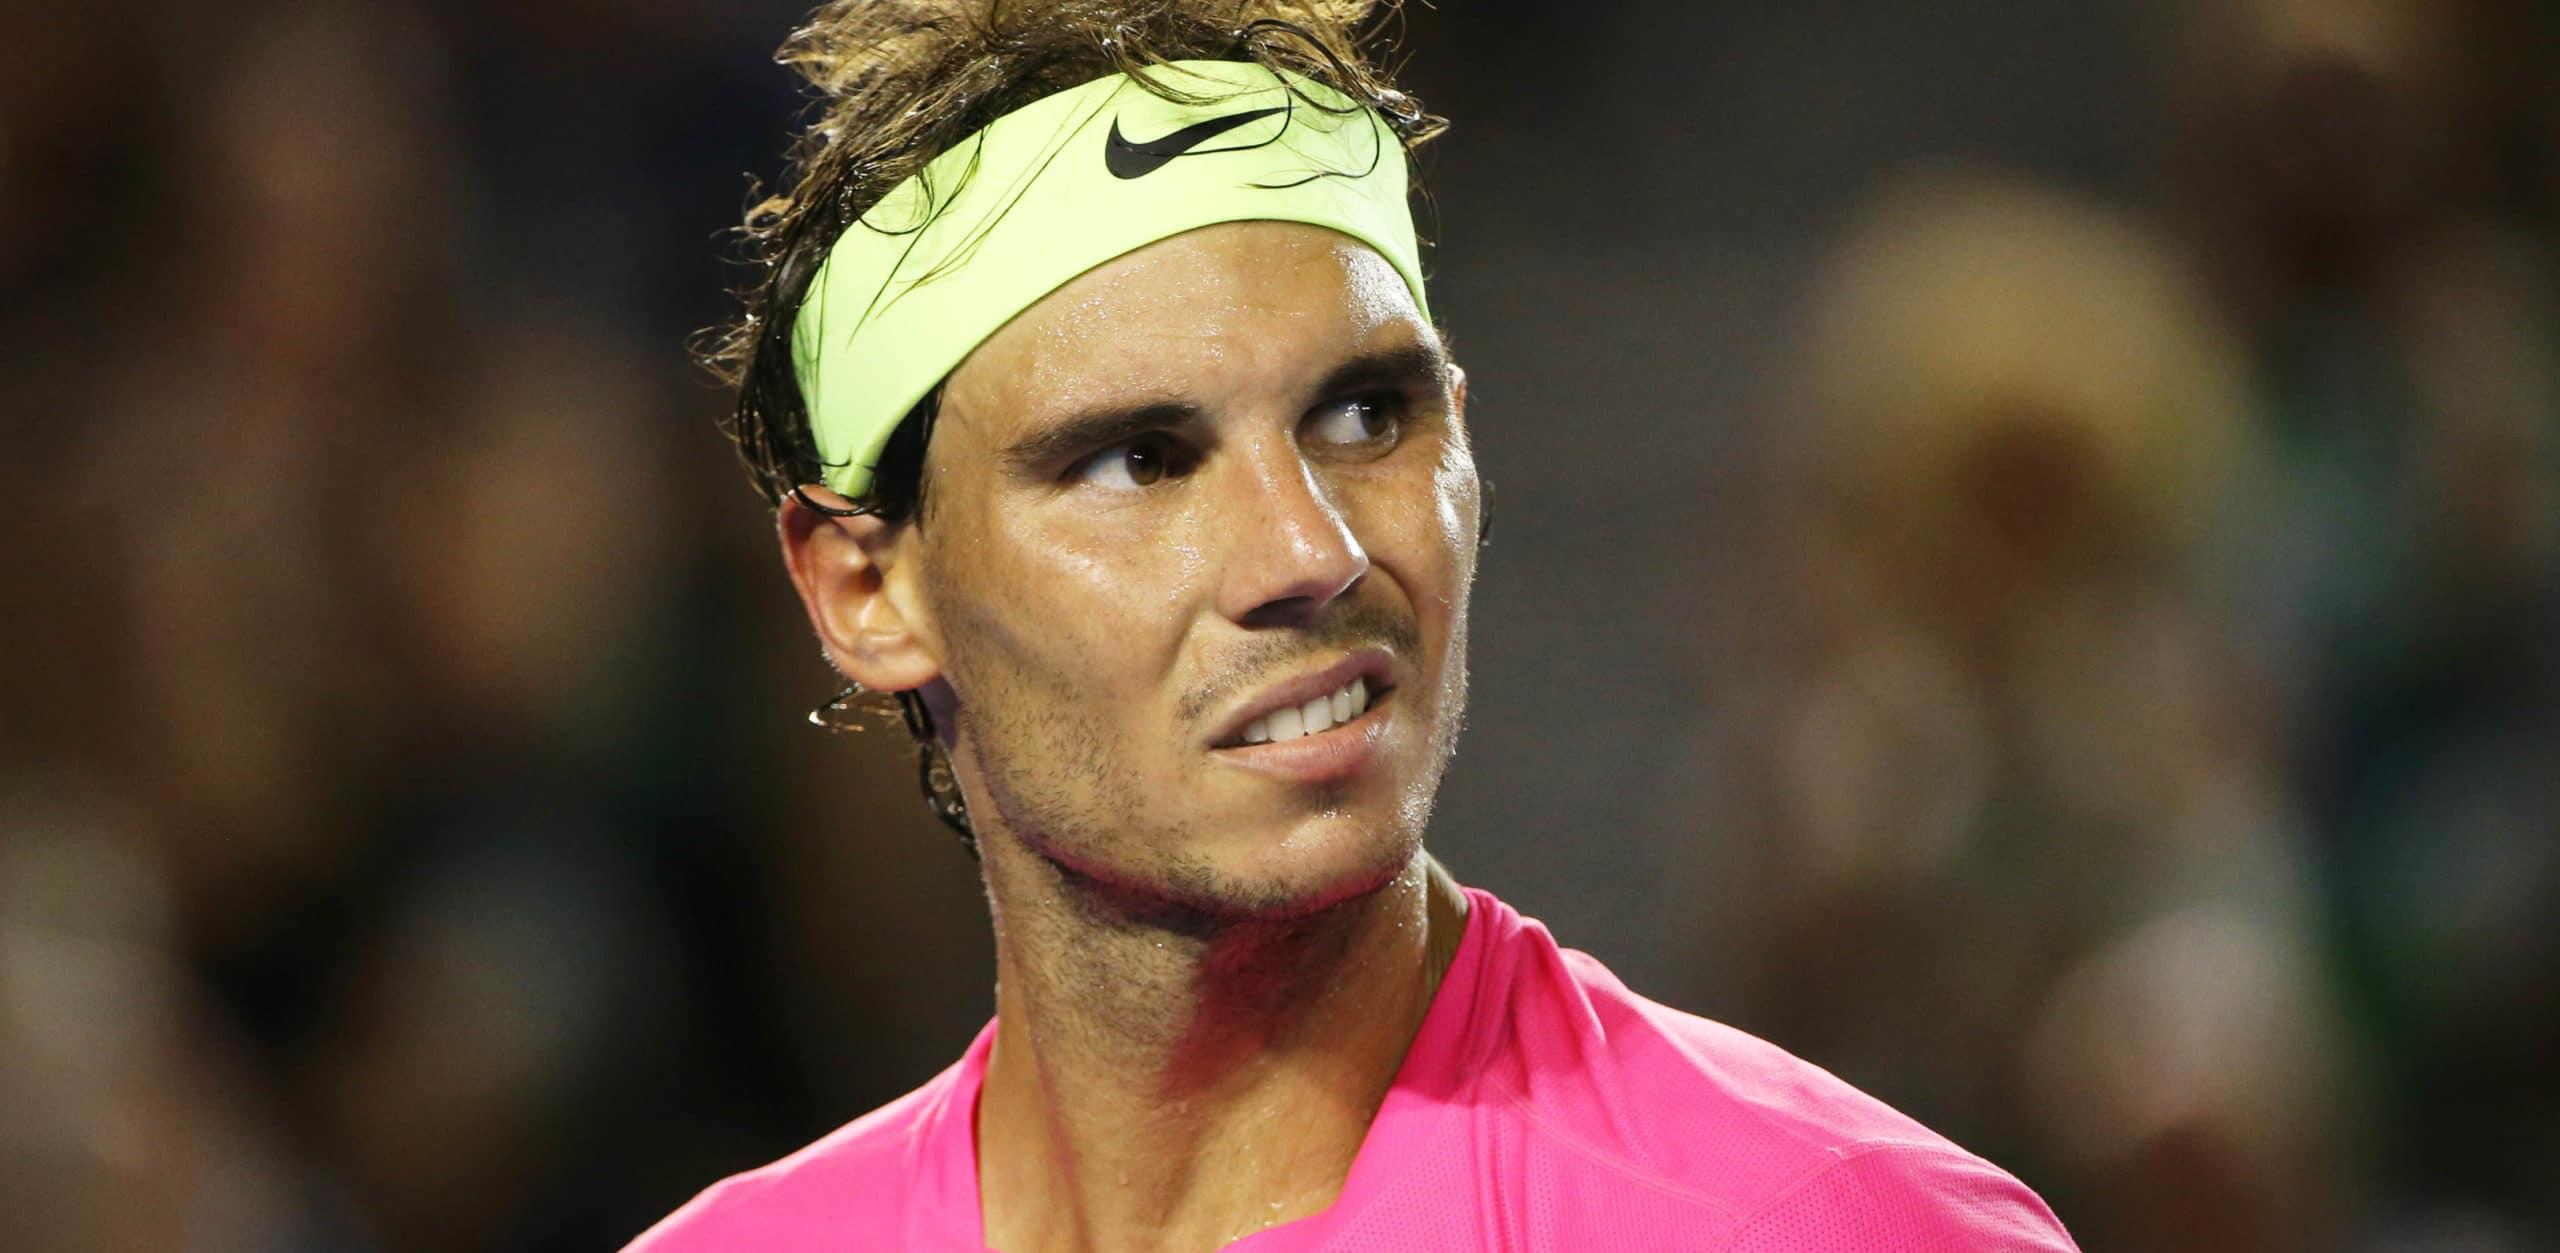 Rafael Nadal : Insulté par une spectatrice, sa réaction est étonnante